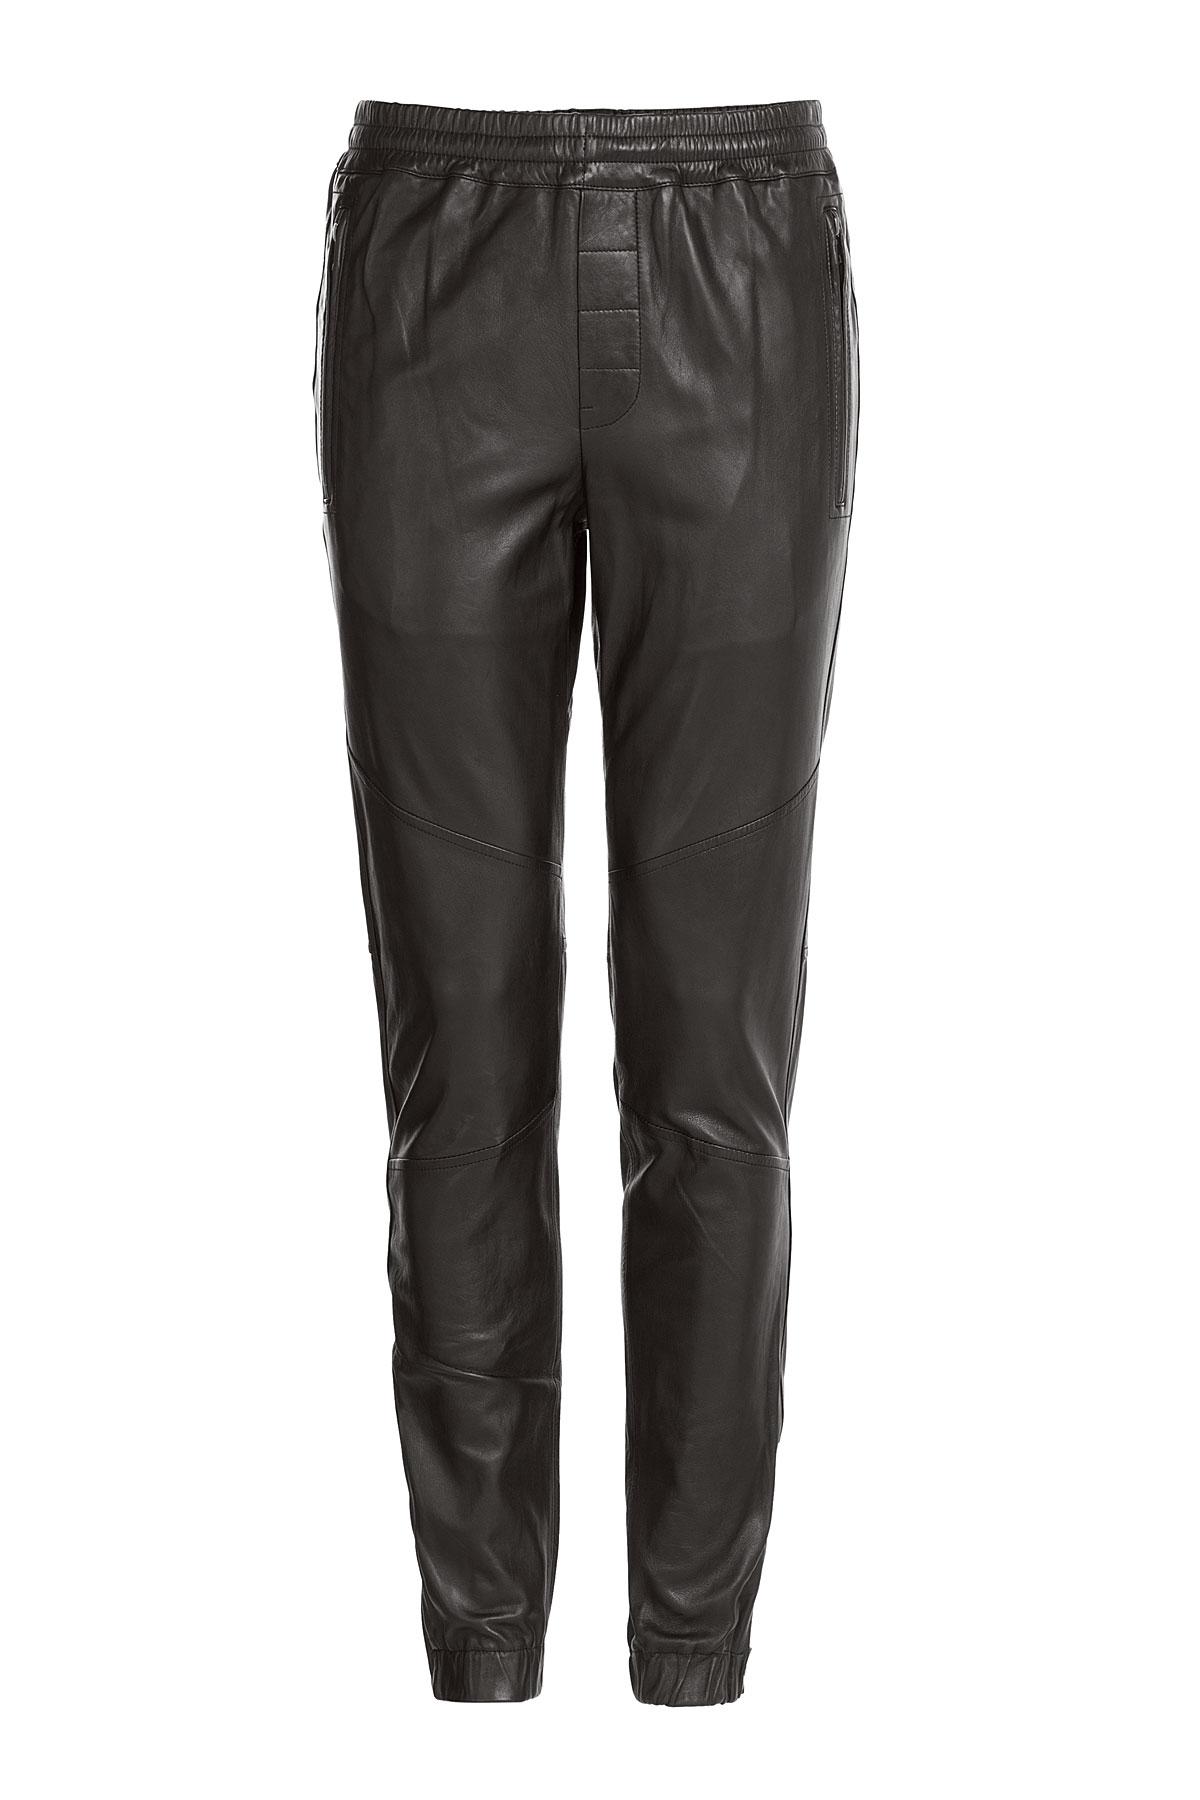 Lyst - Vince Leather Jogging Pants - Black in Black for Men